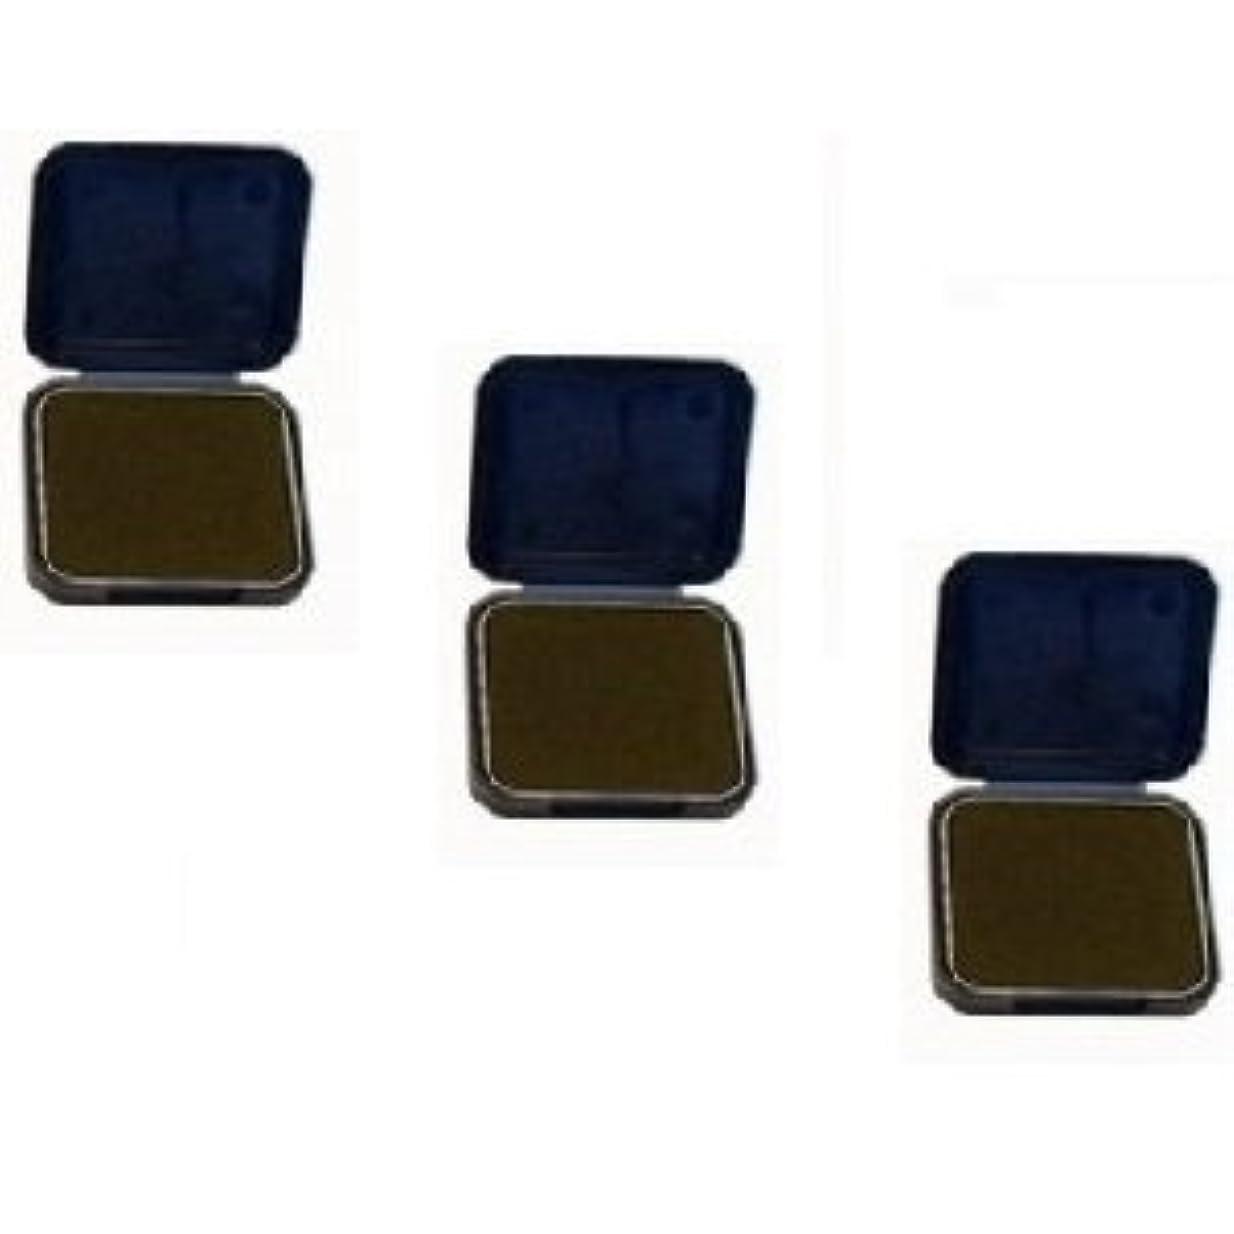 所有者お風呂を持っている主に【3個セット】 アモロス 黒彩 ヘアファンデーション 13g 栗黒 詰替え用レフィル